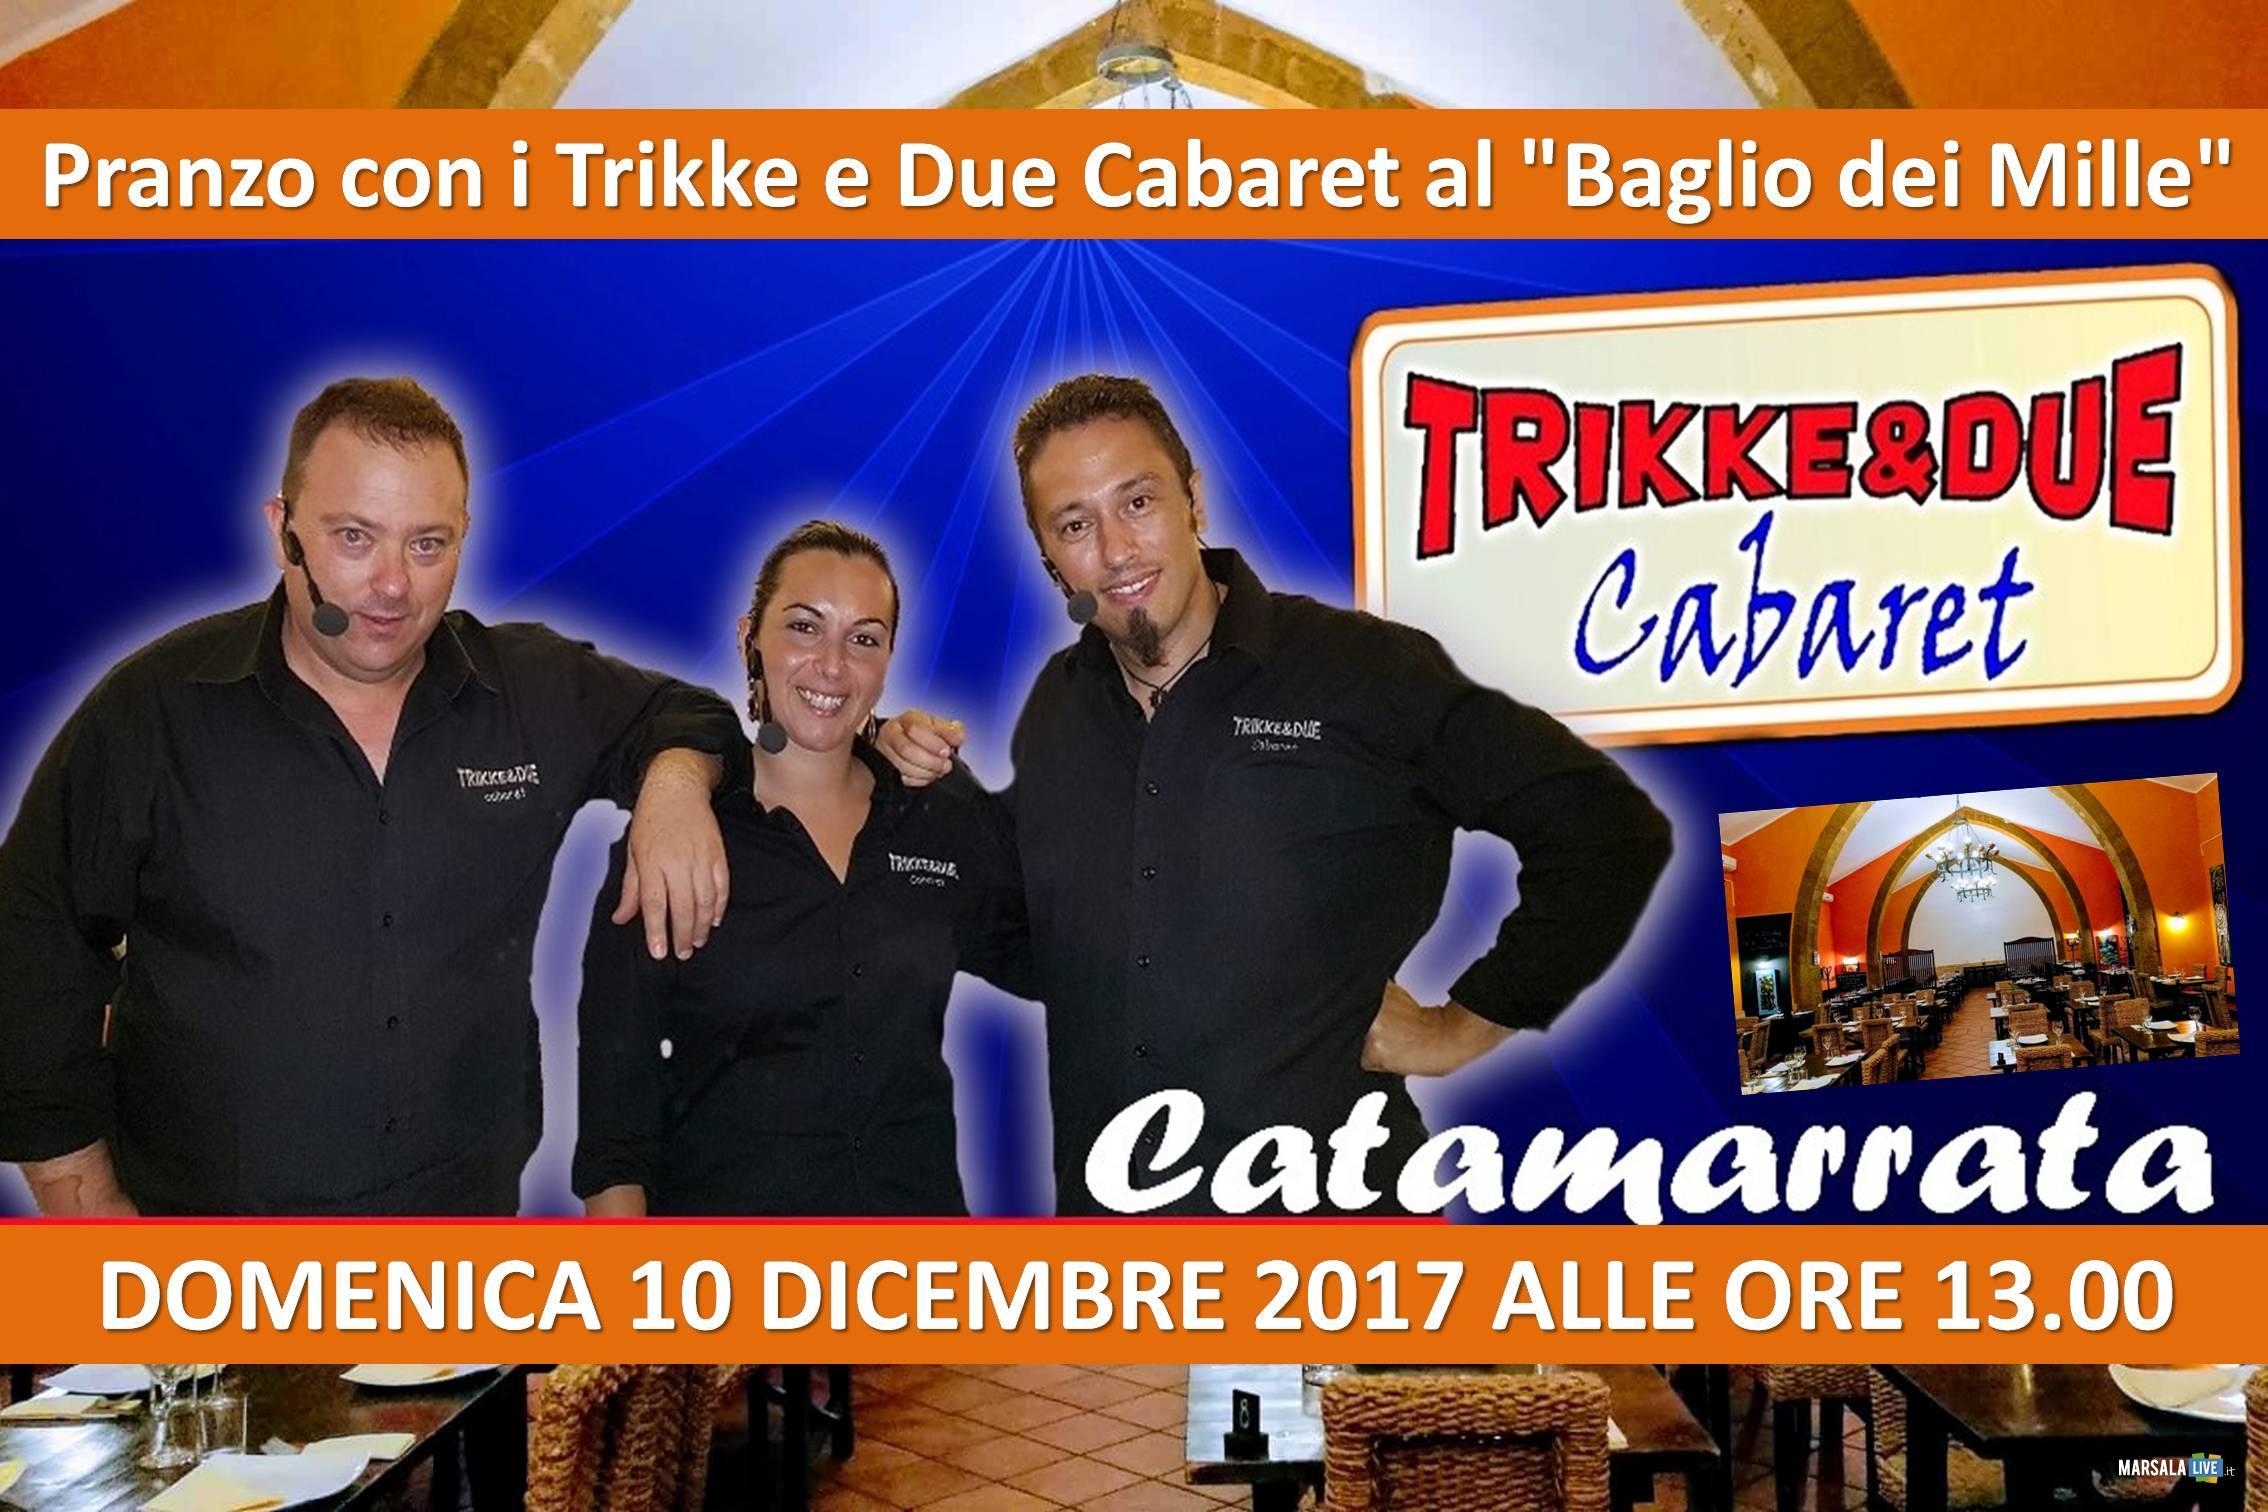 pranzo-baglio-dei-mille-trikke-e-due-cabaret-marsala-